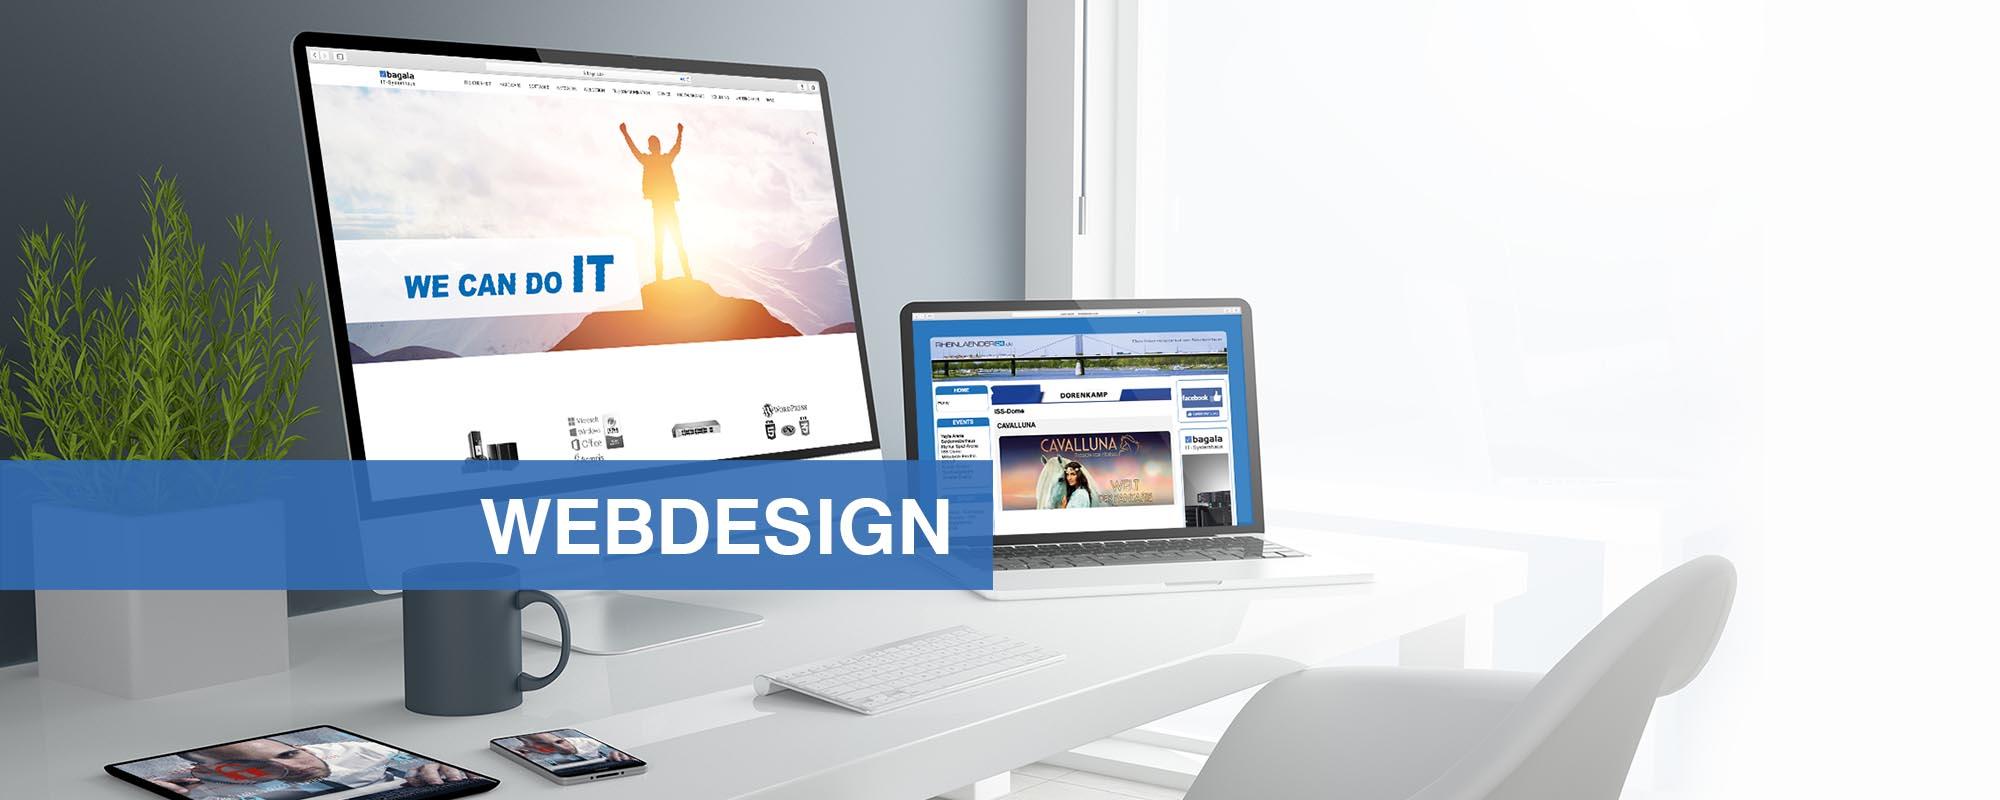 bagala-it-systemhaus-krefeld-duesseldorf-digital-signage-it-sicherheit-hardware-software-netzwerk-webdesign-home-webdesign